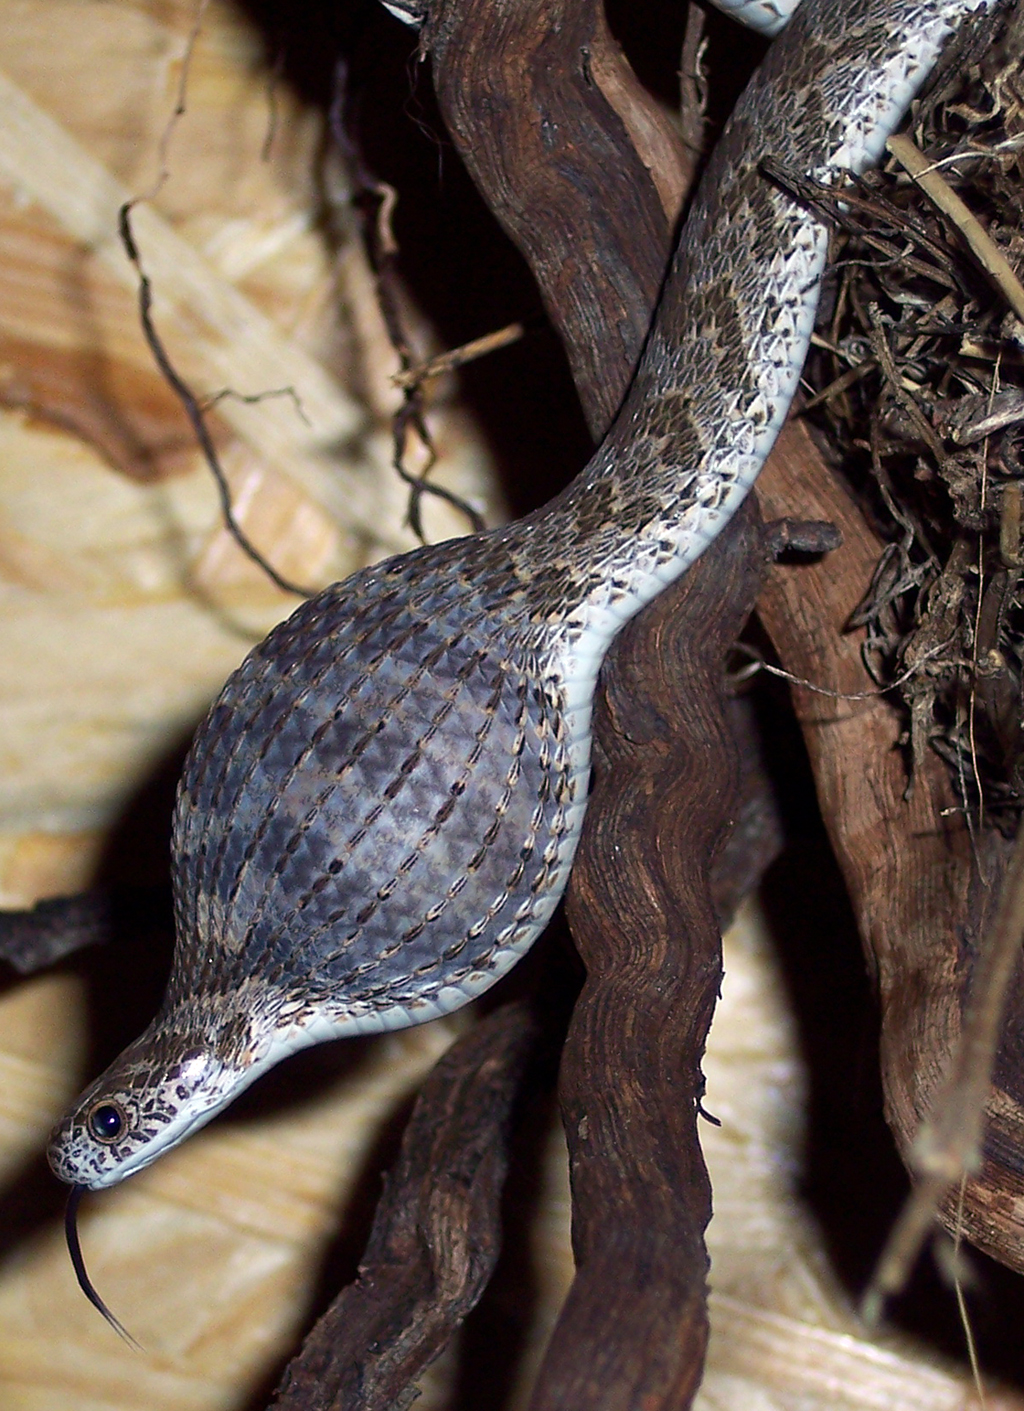 Common egg-eater snake (Dasypeltis scabra). Photo by Mond76